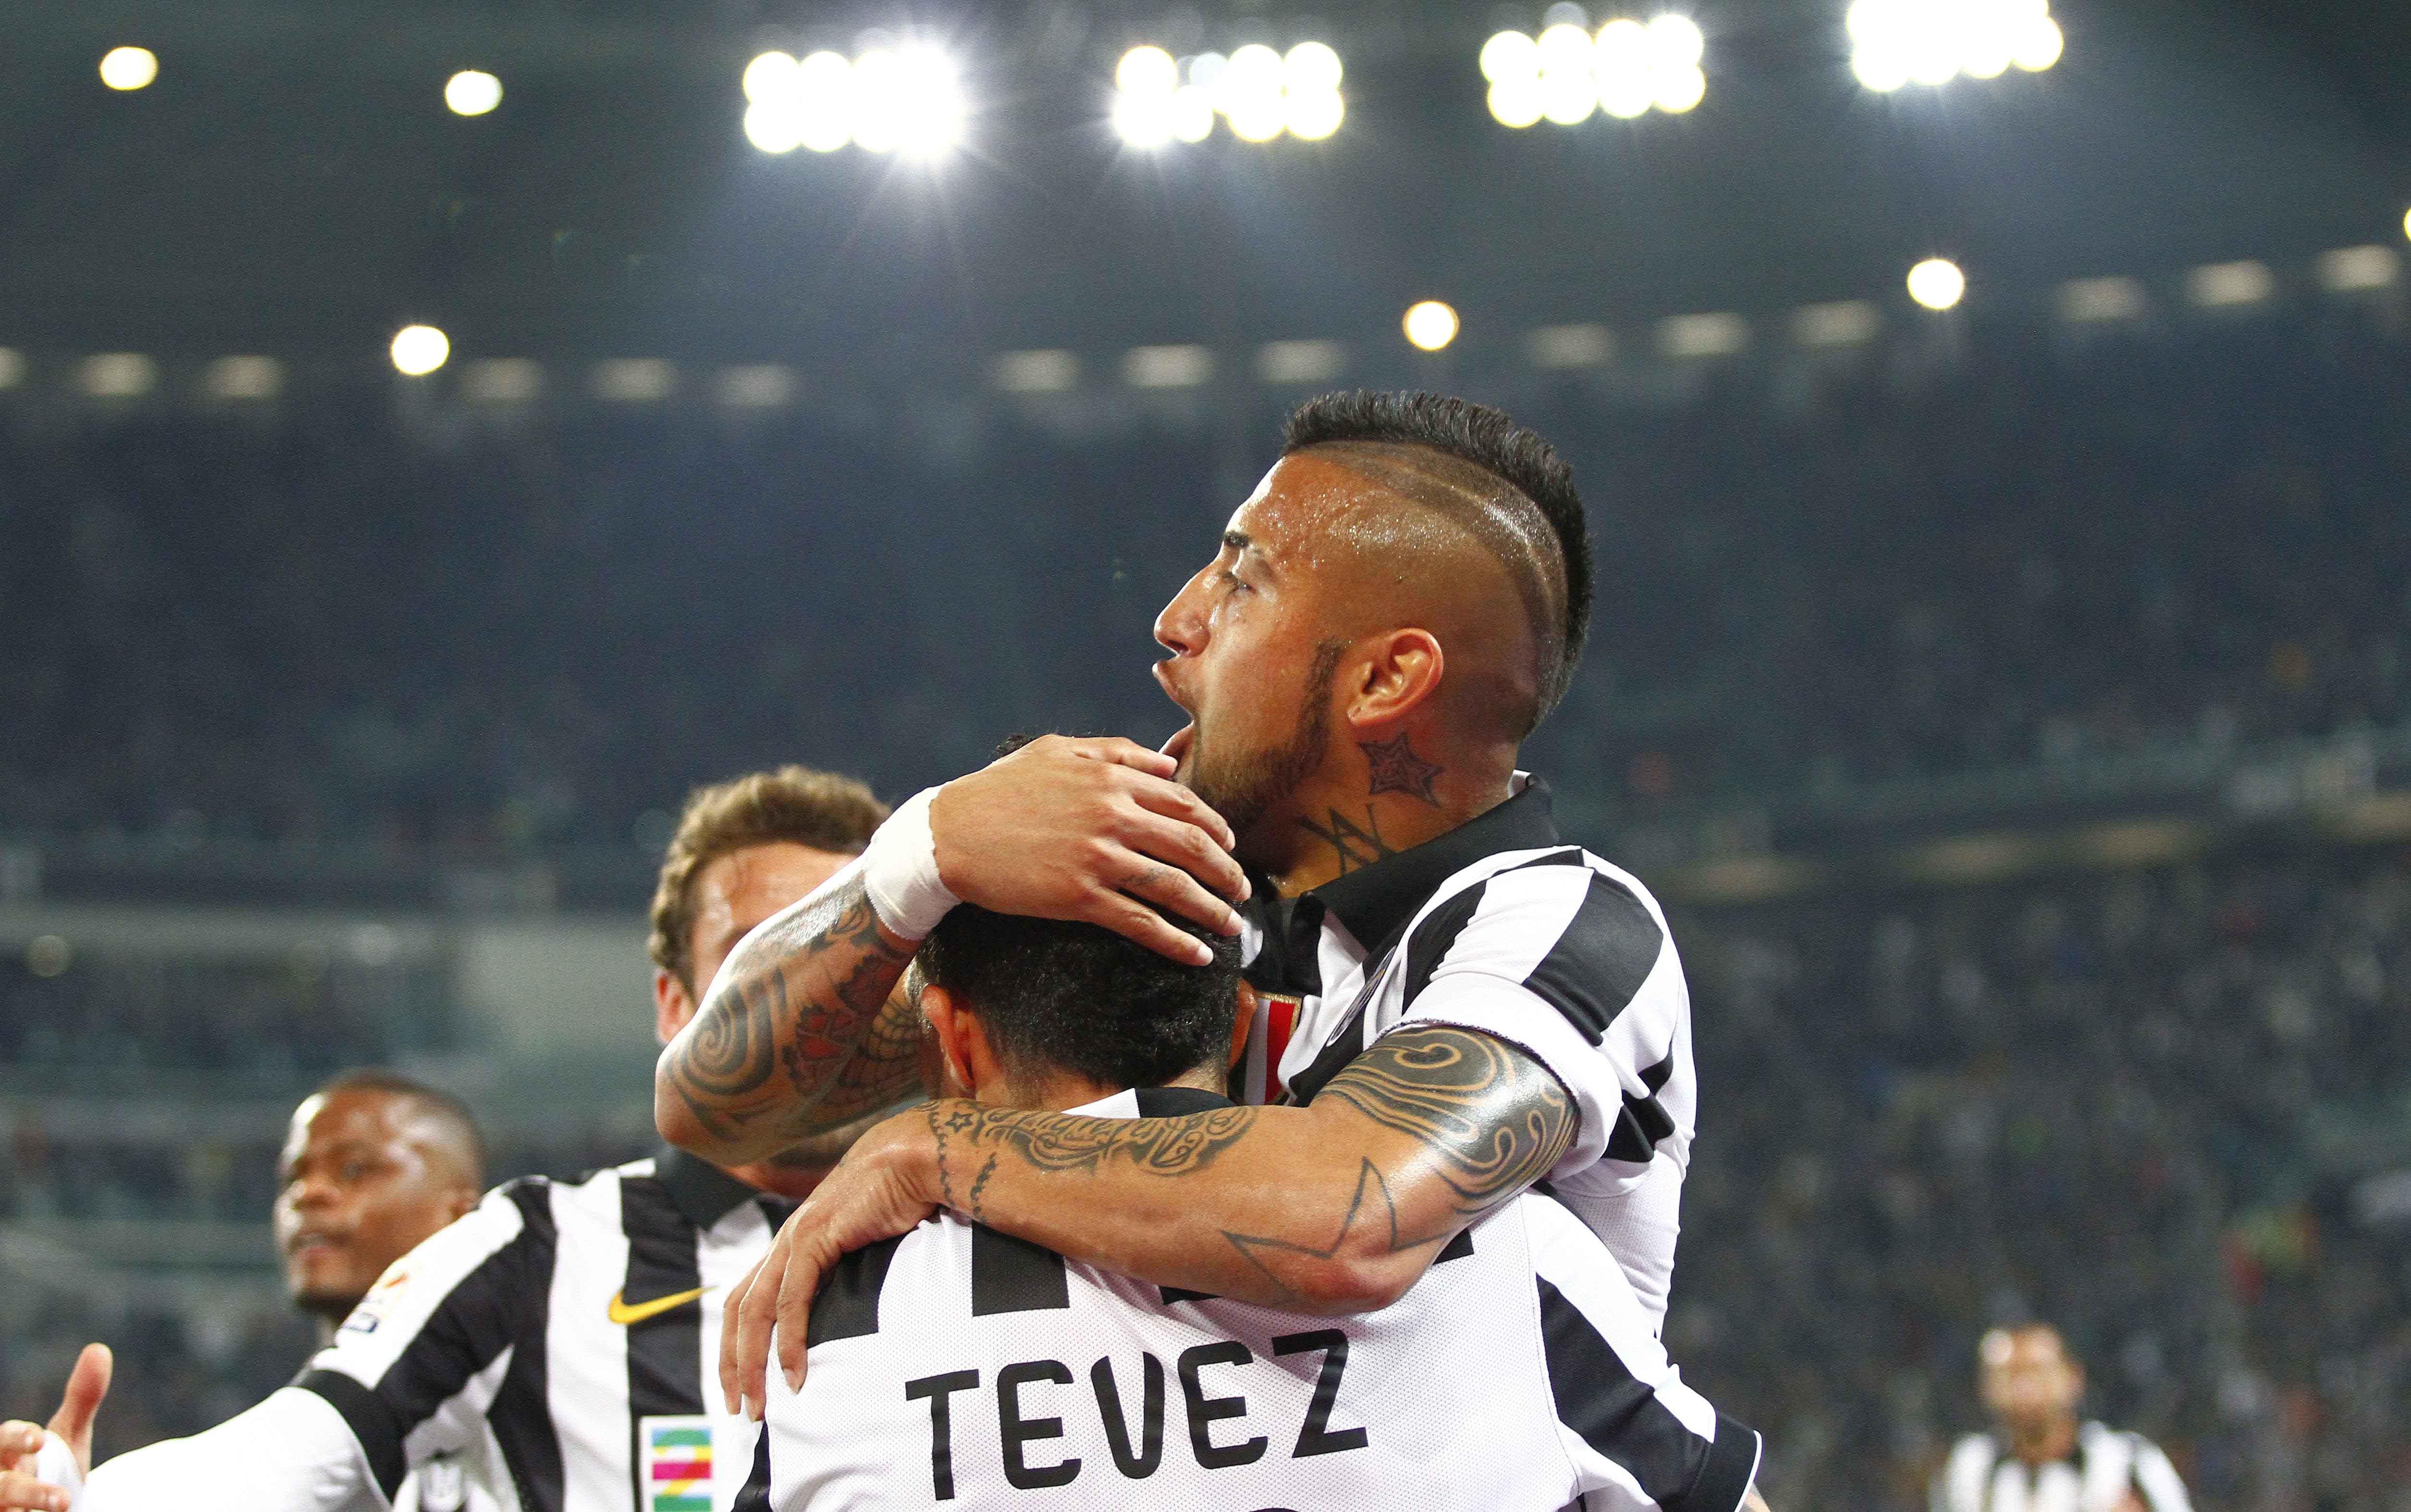 La gioia della Juventus dopo il gol di Tevez che ha aperto il successo contro la Lazio allo Juventus Stadium